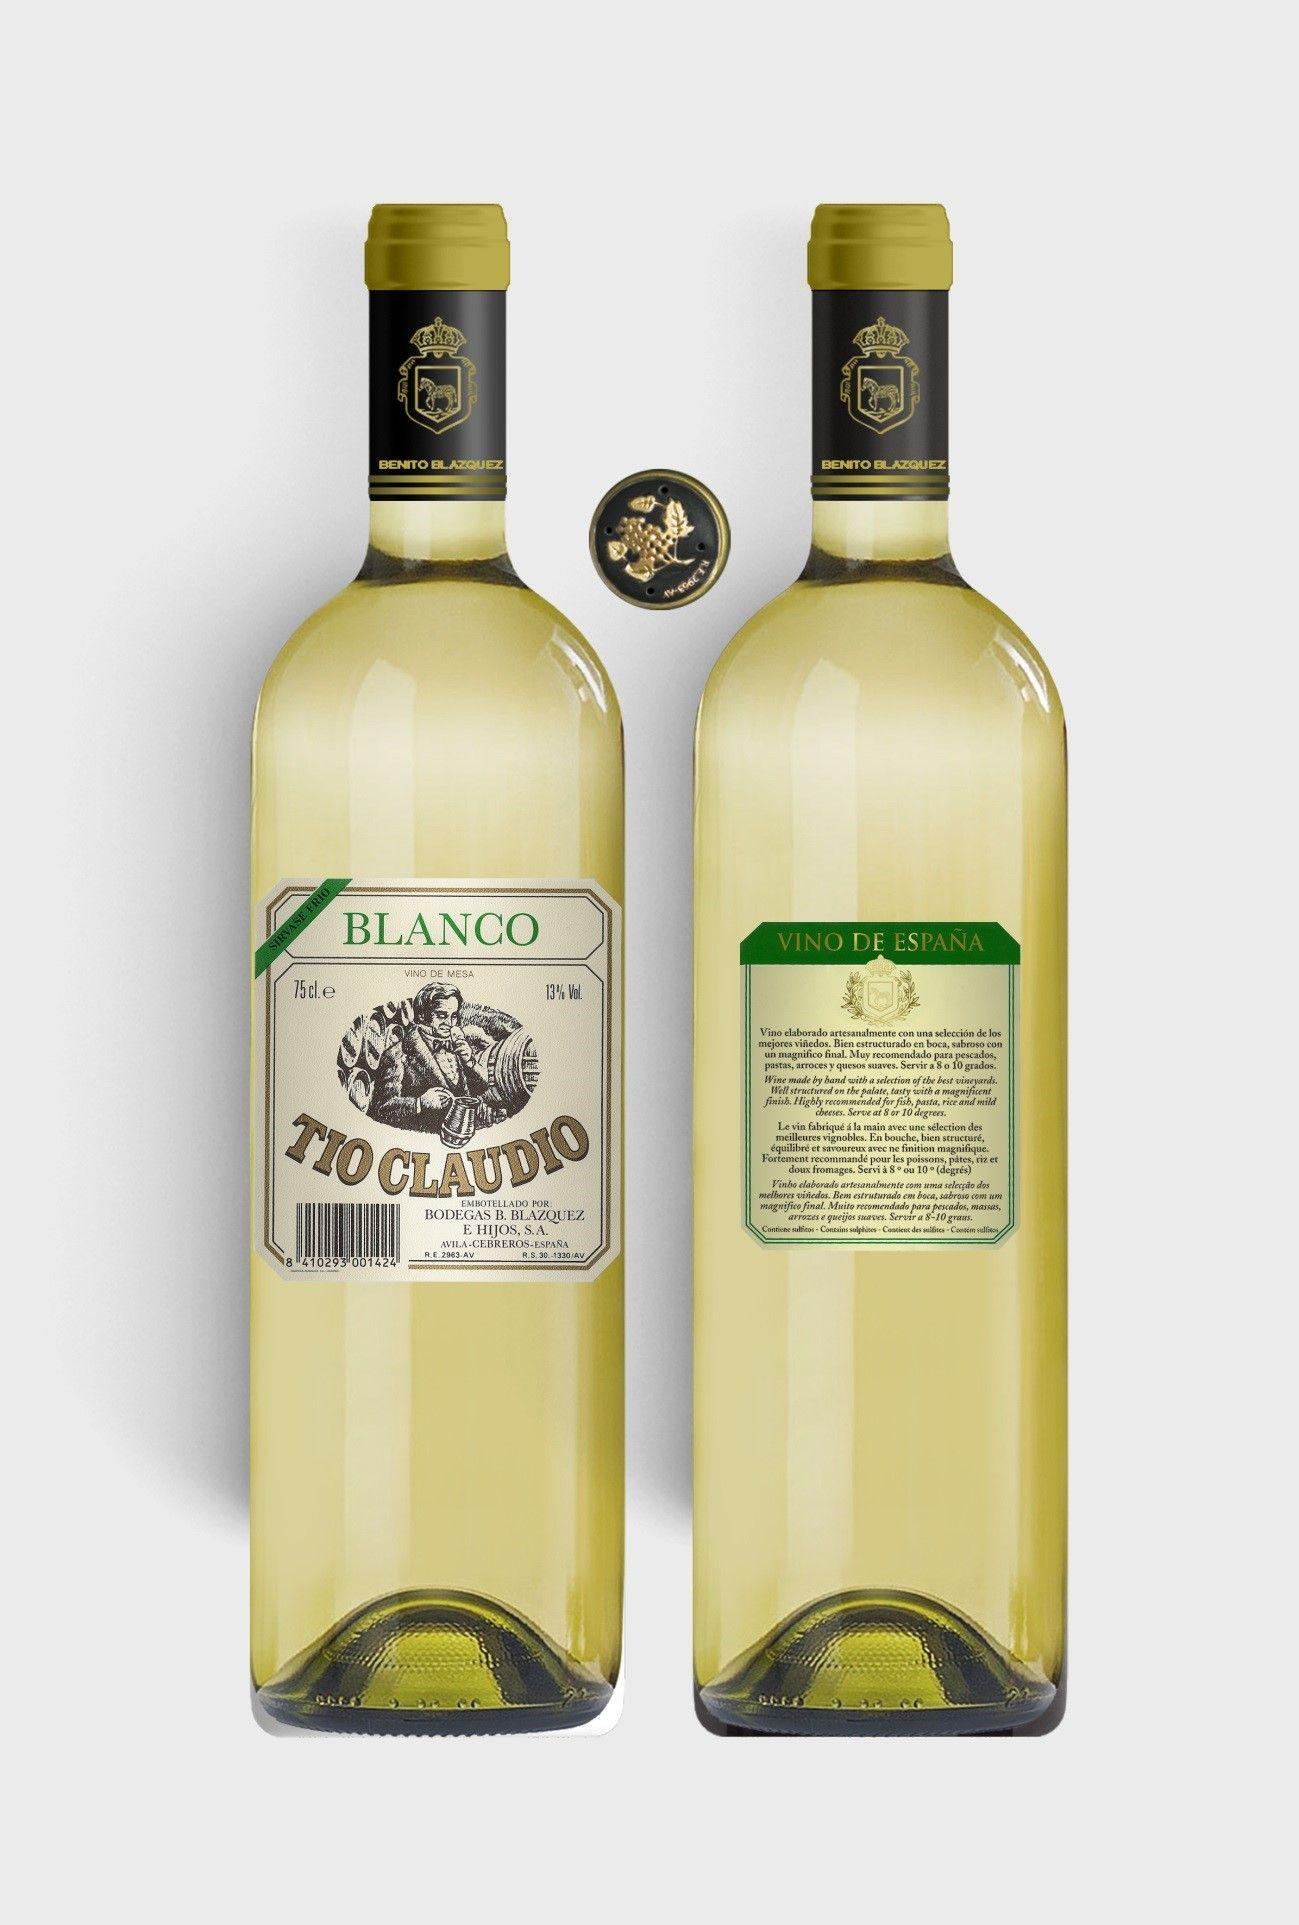 Benito Blázquez - Botella de Vino Blanco Tío Claudio